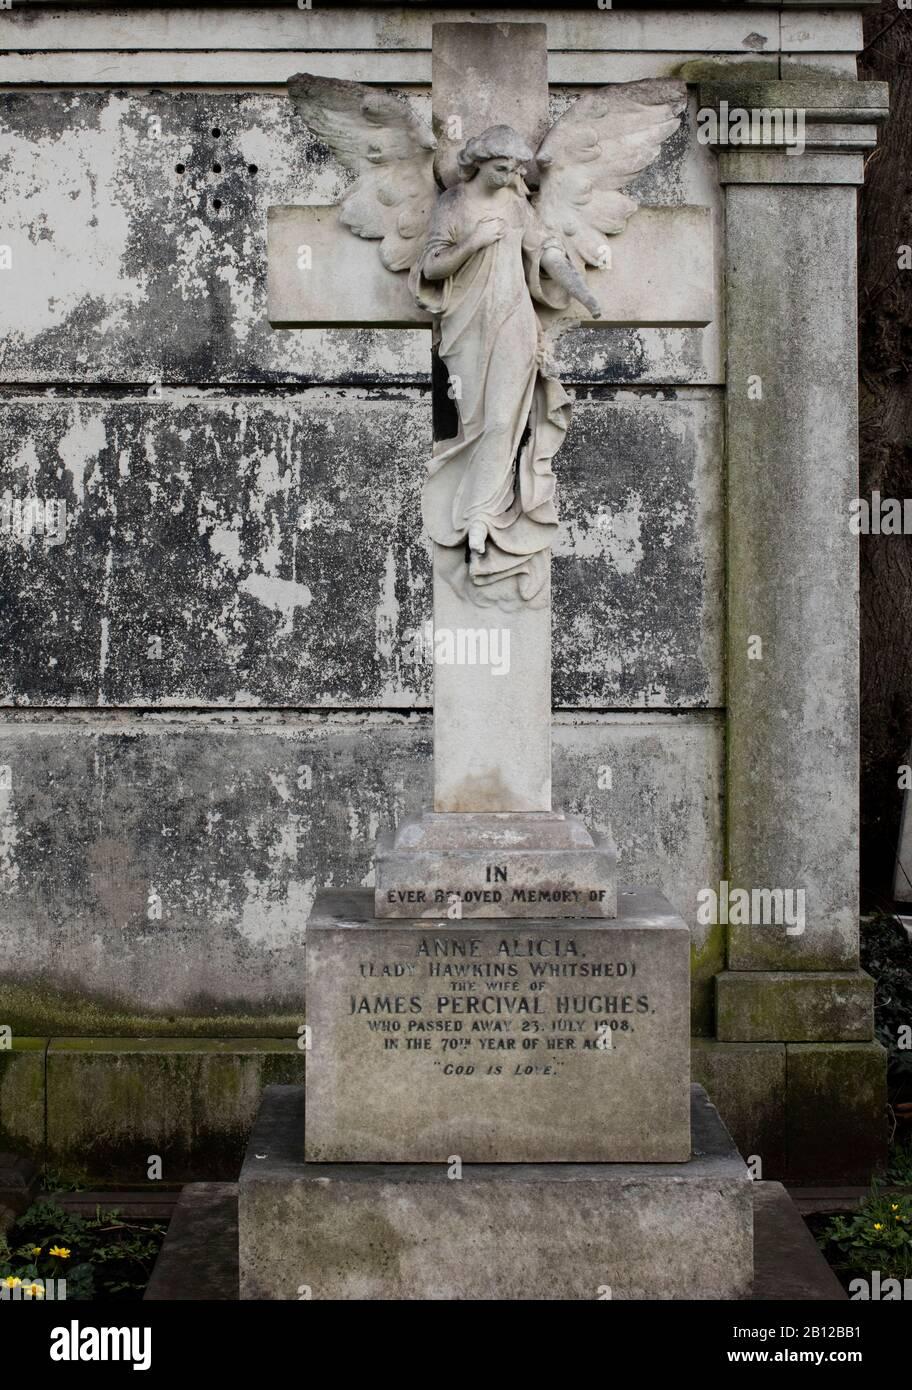 Cementerio de Brompton, Old Brompton Road, Kensington, Londres, SW10; uno de los cementerios de Londres 'Magnificent Seven', es la propiedad de la Corona de 16 hectáreas. Foto de stock